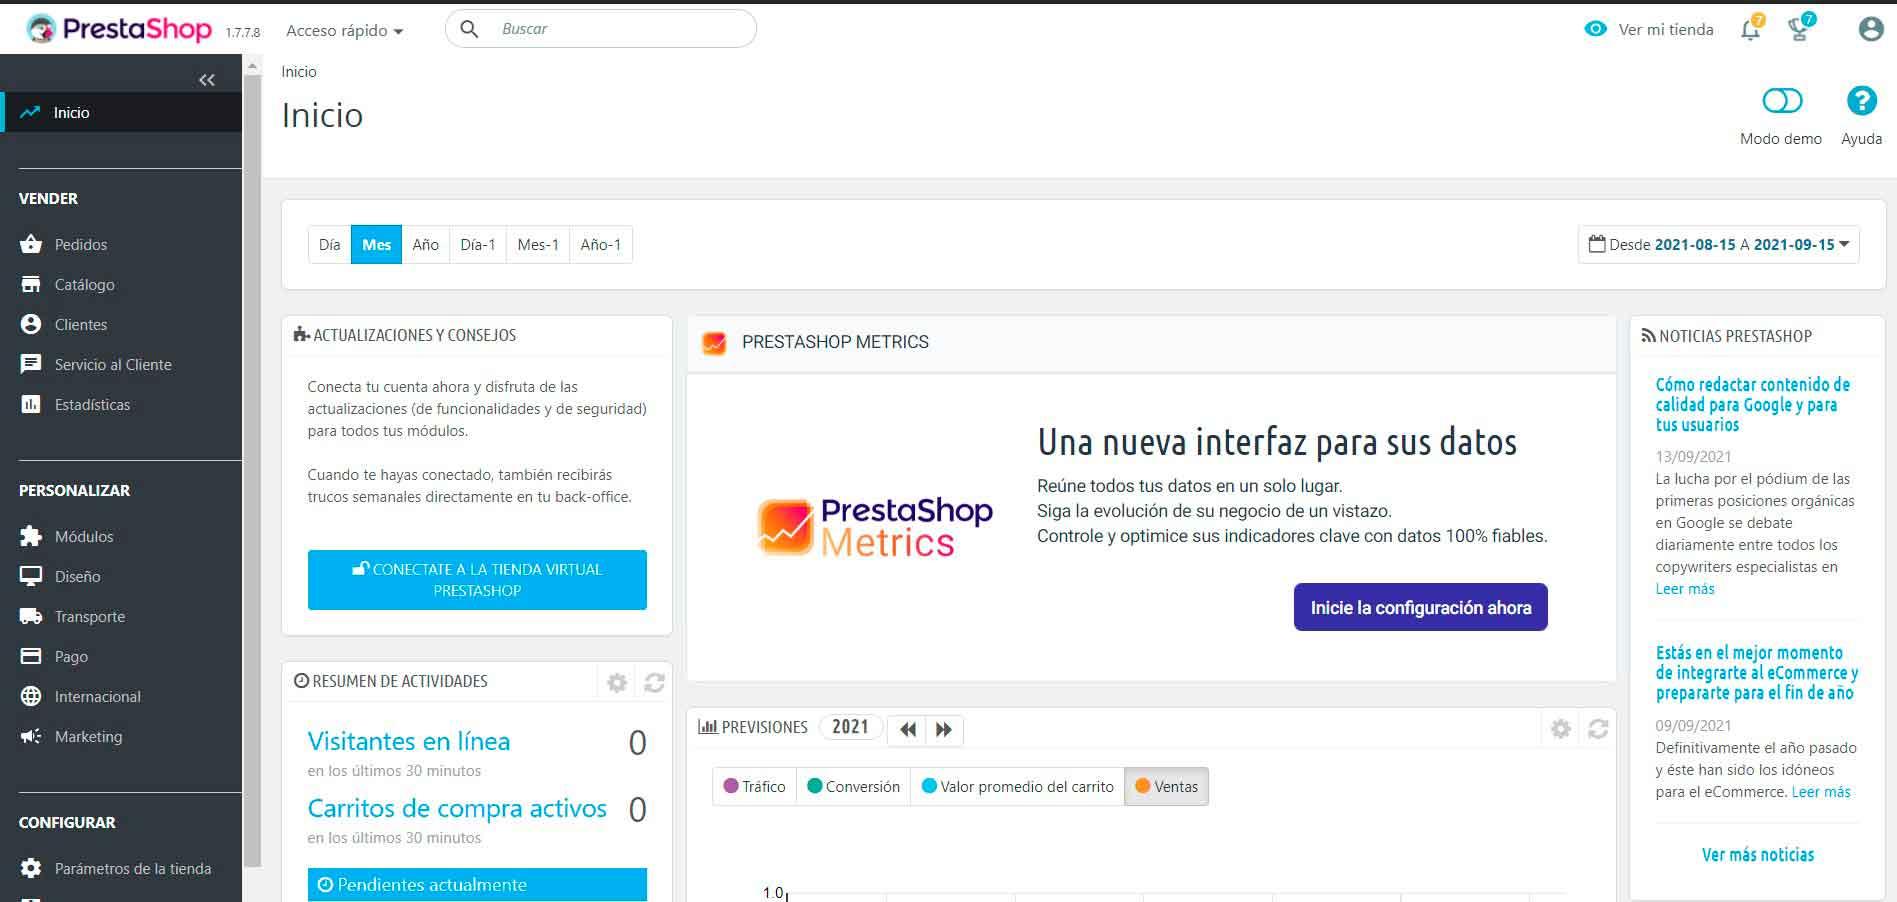 Raiola Networks: tu mejor opción de hosting para PrestaShop